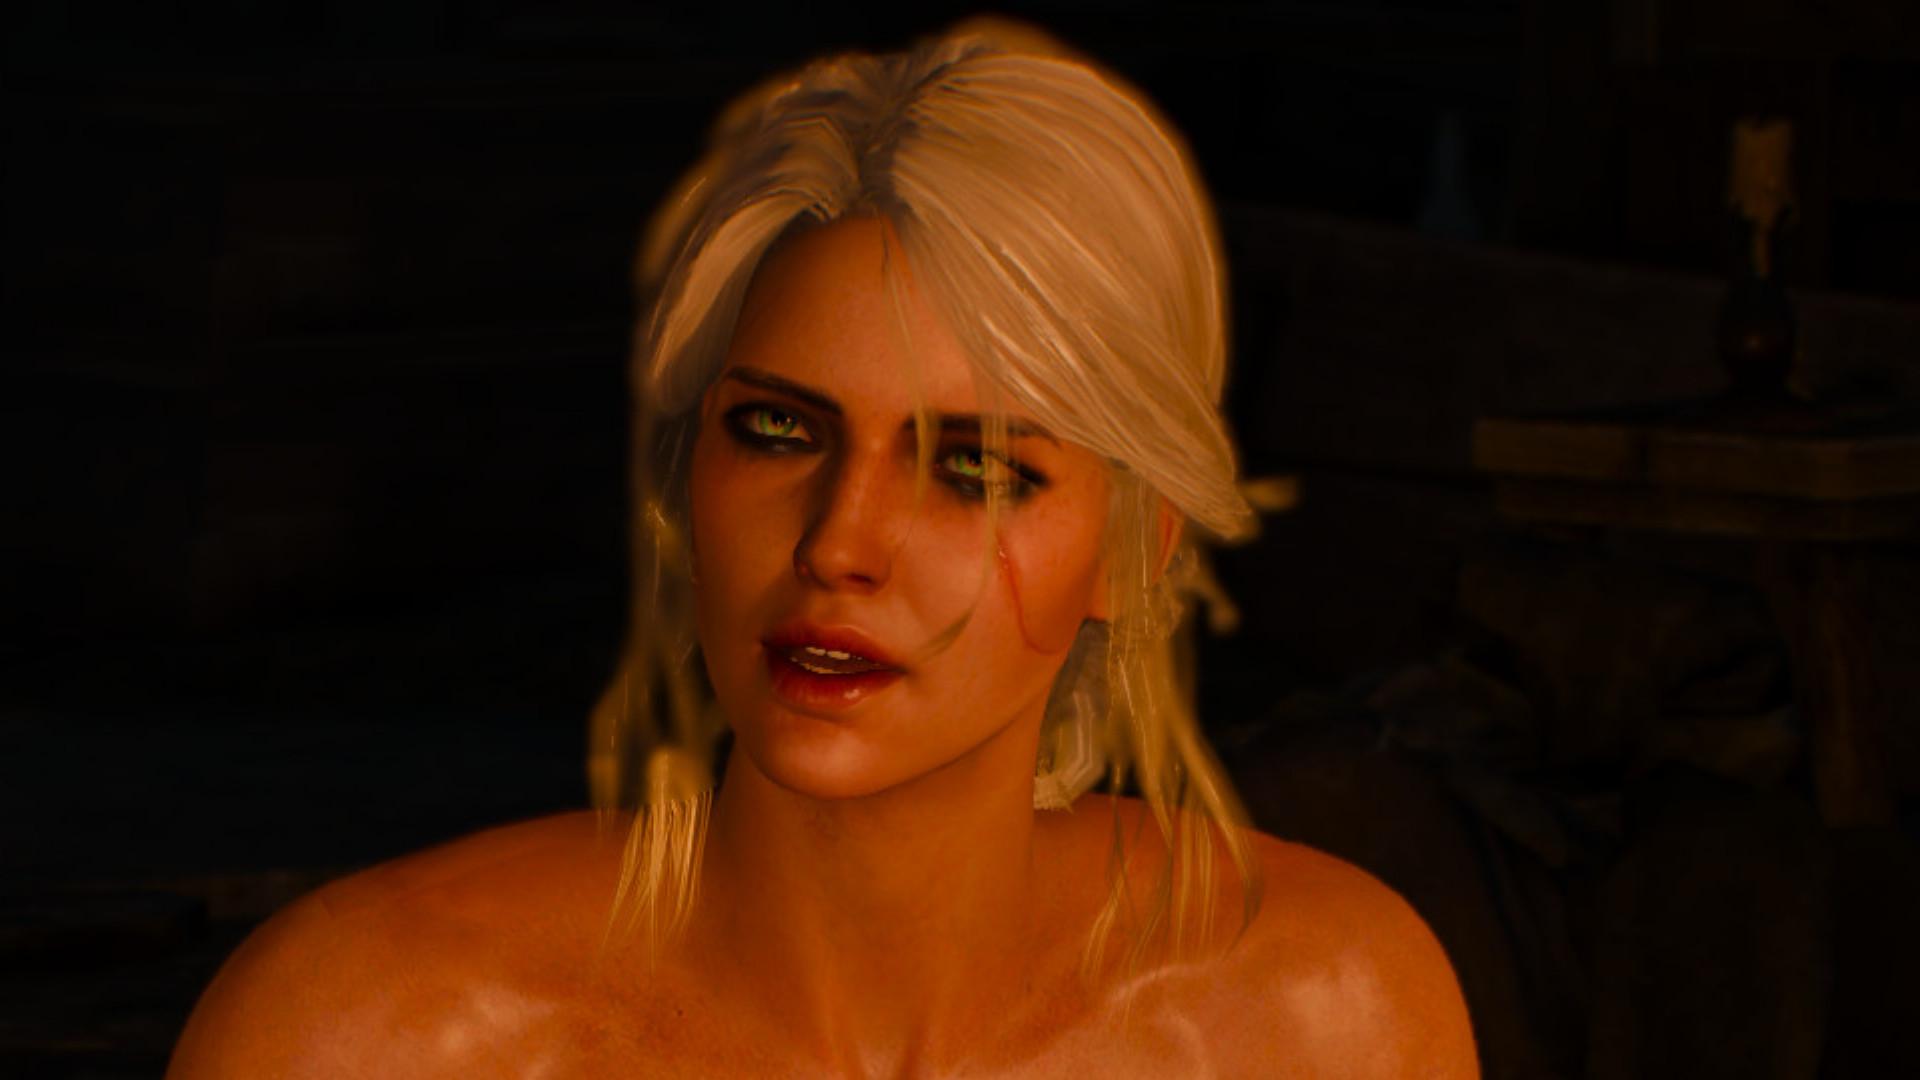 КРАСОТКА.jpg - Witcher 3: Wild Hunt, the